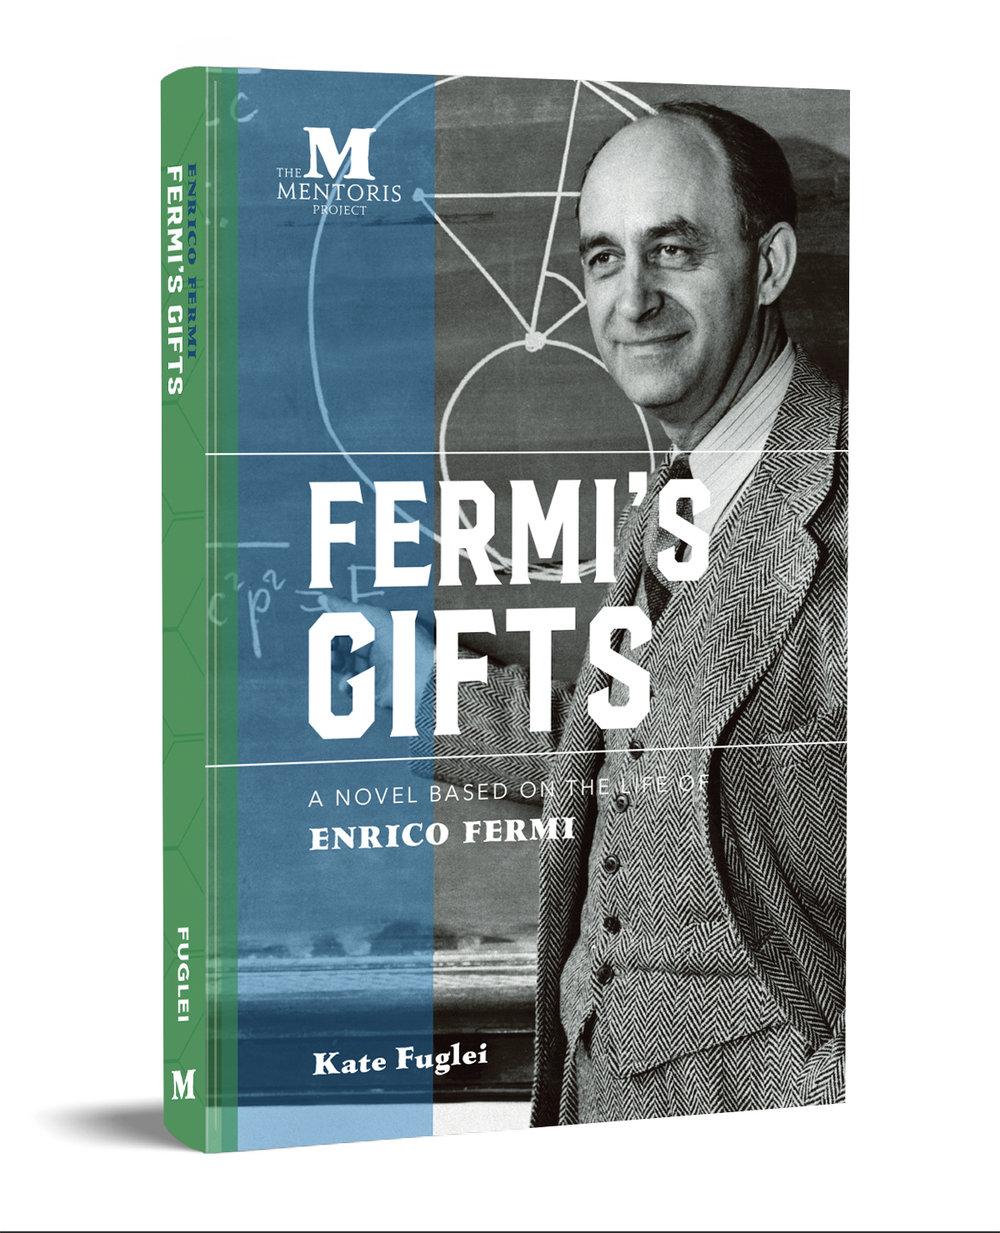 Fermi-Icon-1-5.jpg